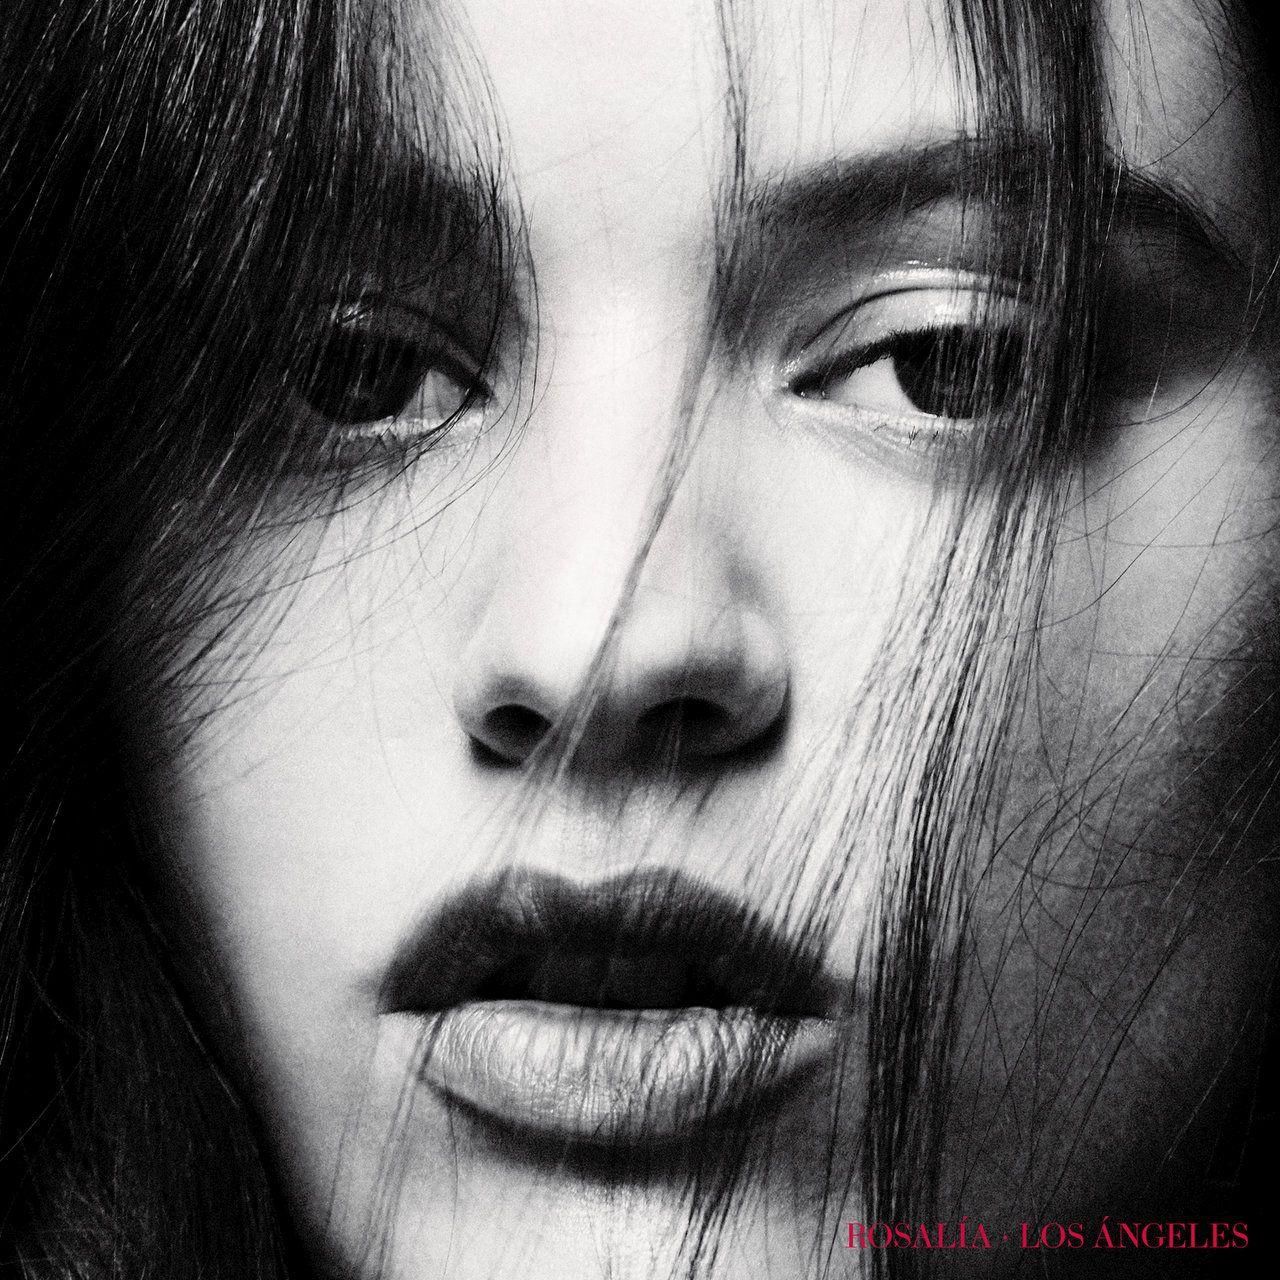 Rosalia - Los ángeles album cover